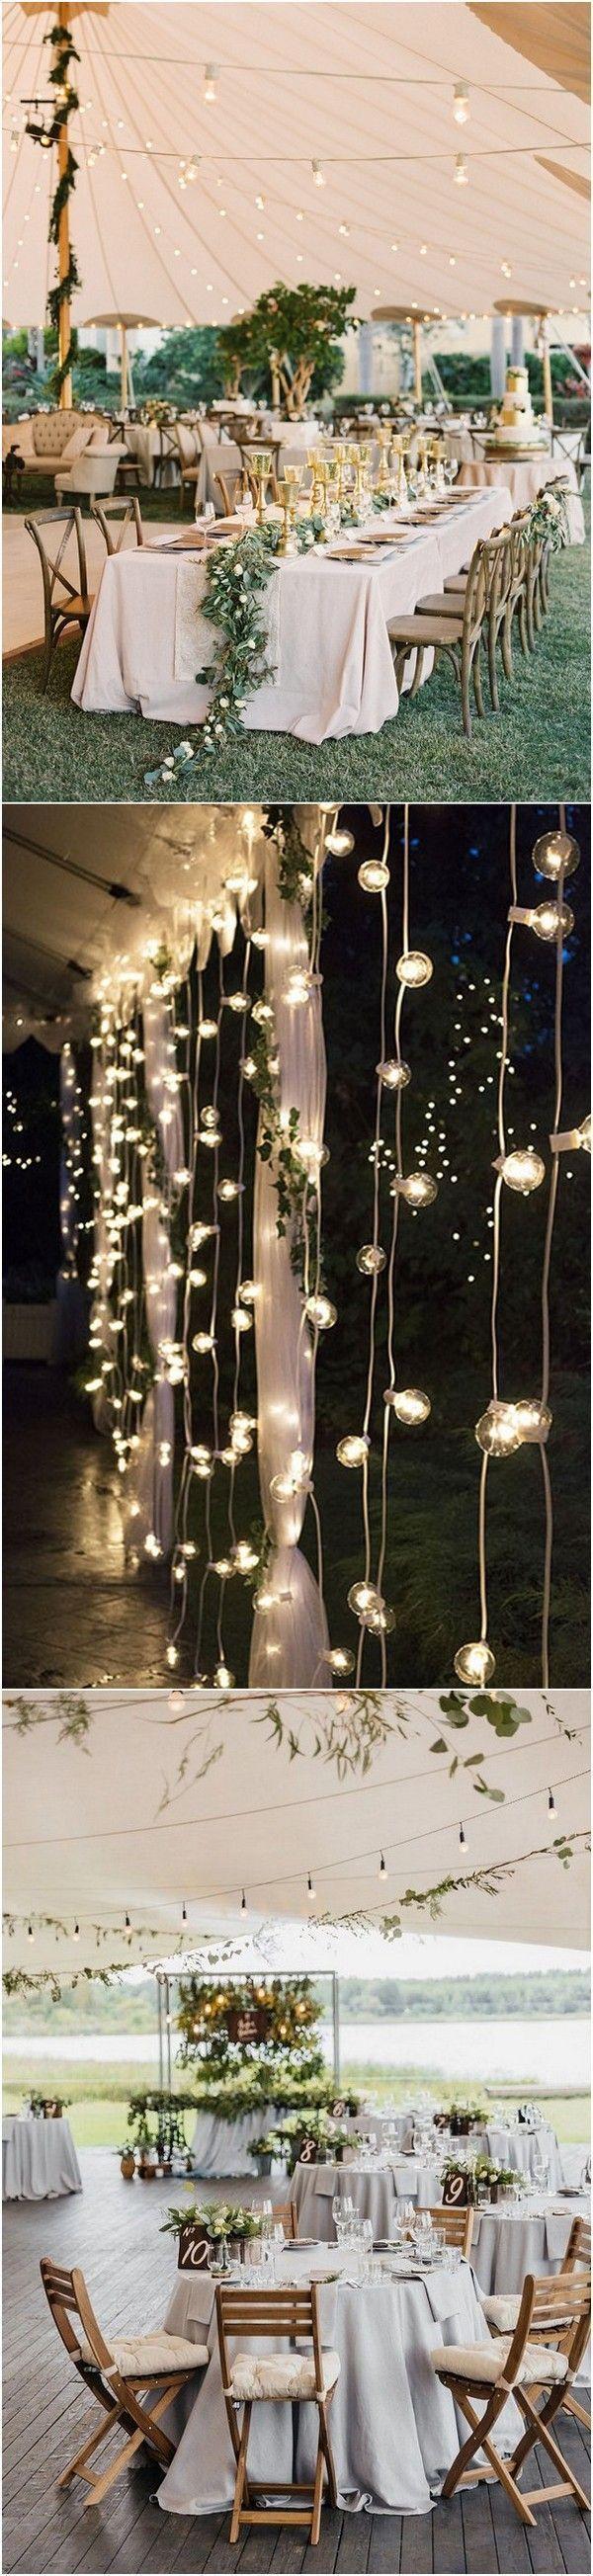 Idée et inspiration look d'été tendance 2017   Image   Description   chic rustic tented wedding reception ideas